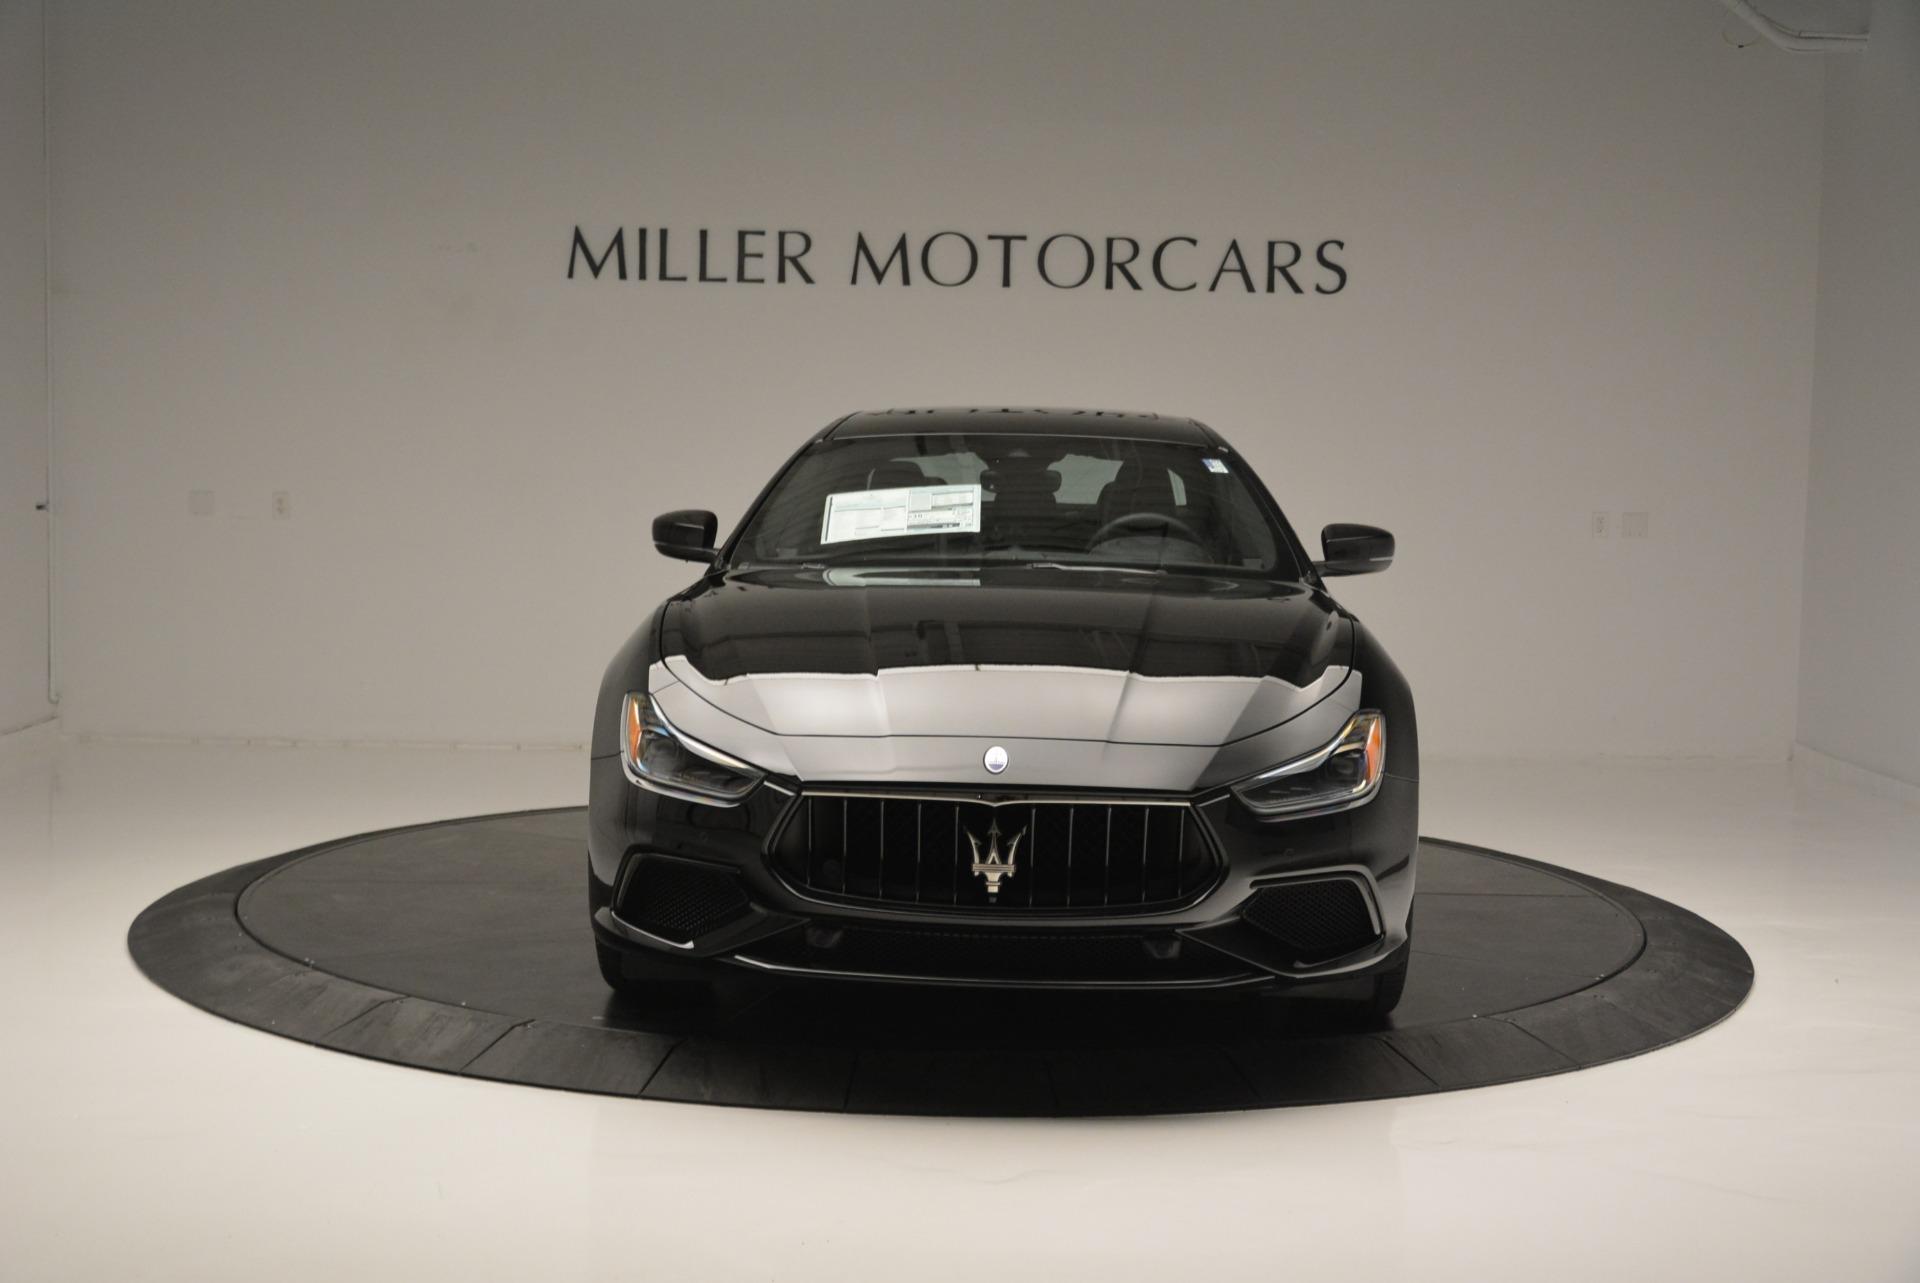 New 2018 Maserati Ghibli SQ4 GranSport Nerissimo For Sale In Greenwich, CT 2372_p12